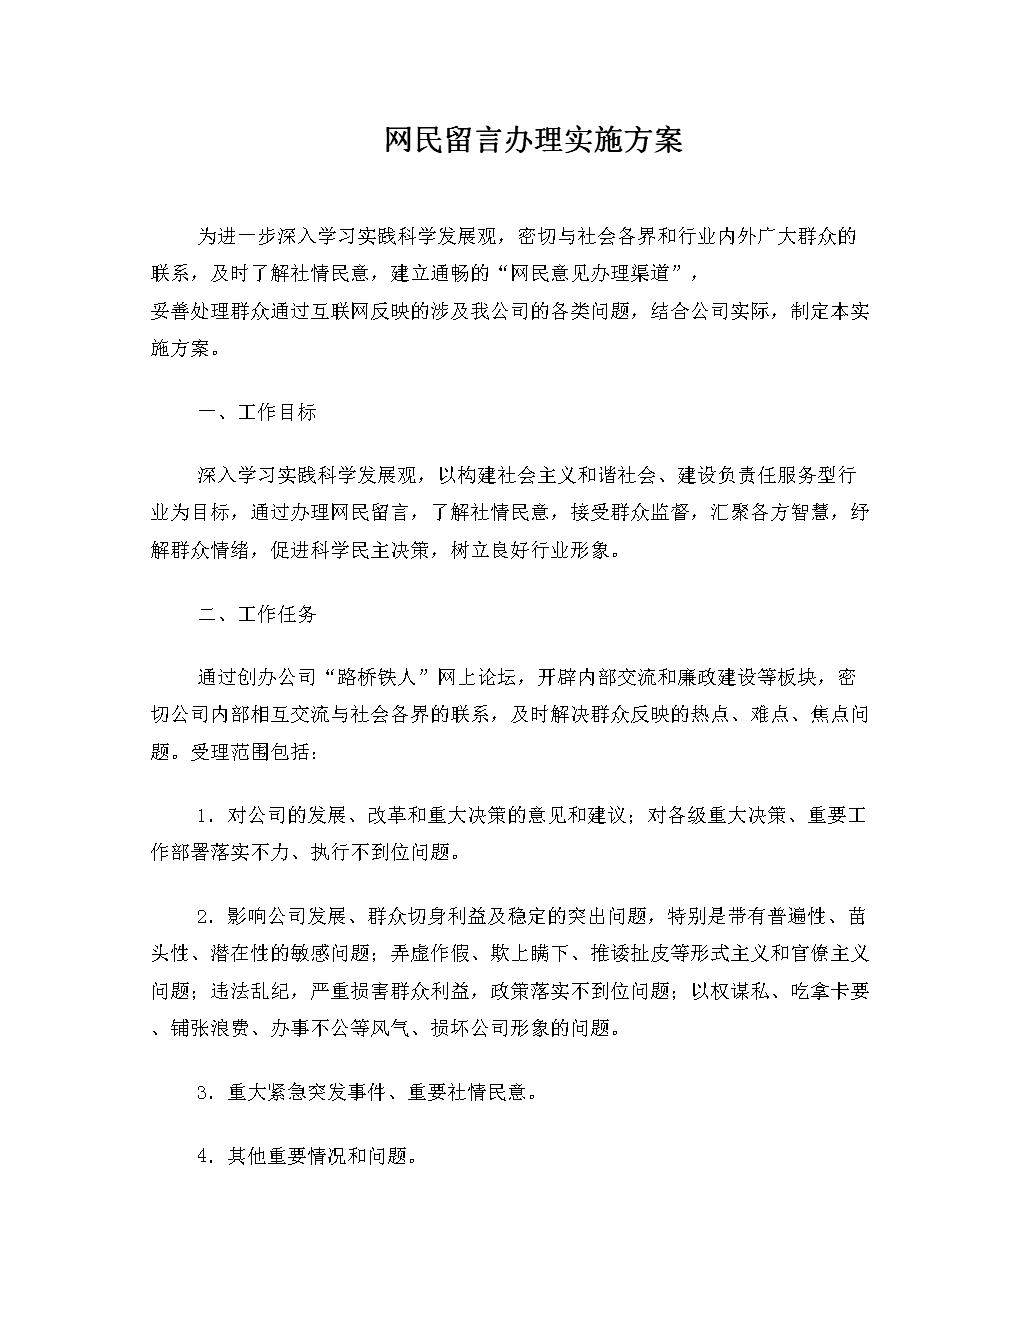 网民 留言办  理实施方 案1.doc